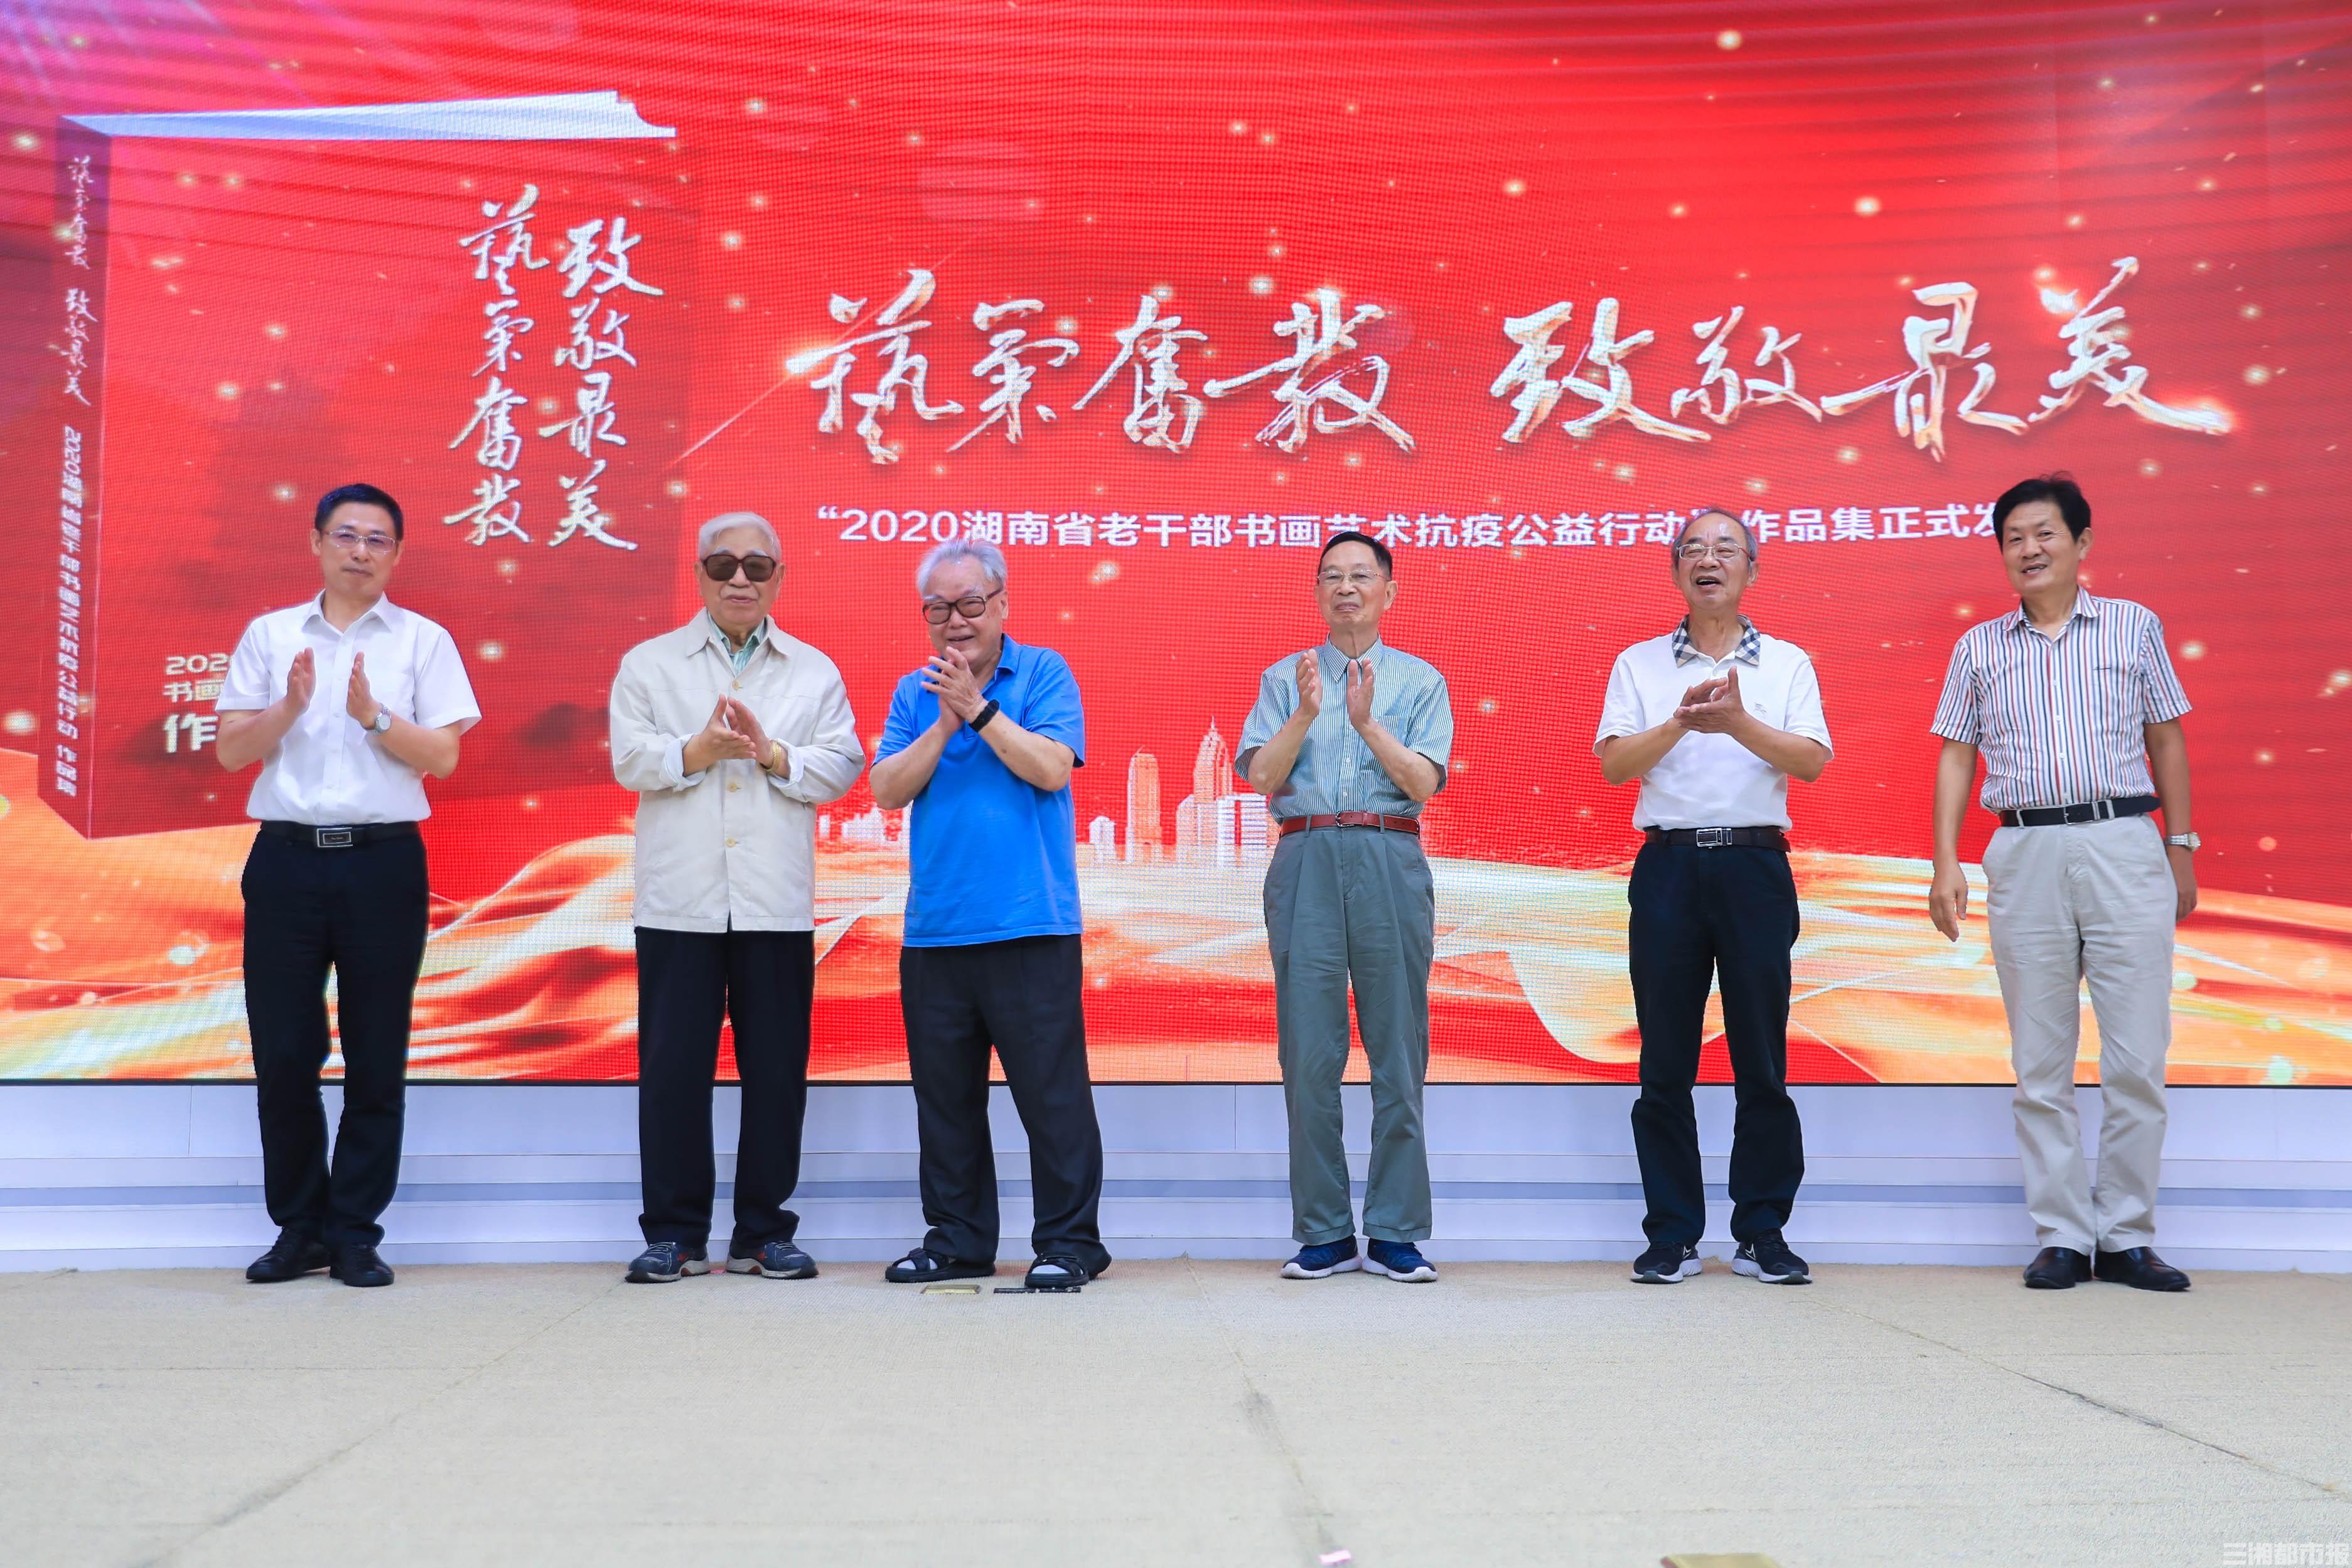 湖南475幅抗疫书画公益作品集结首发